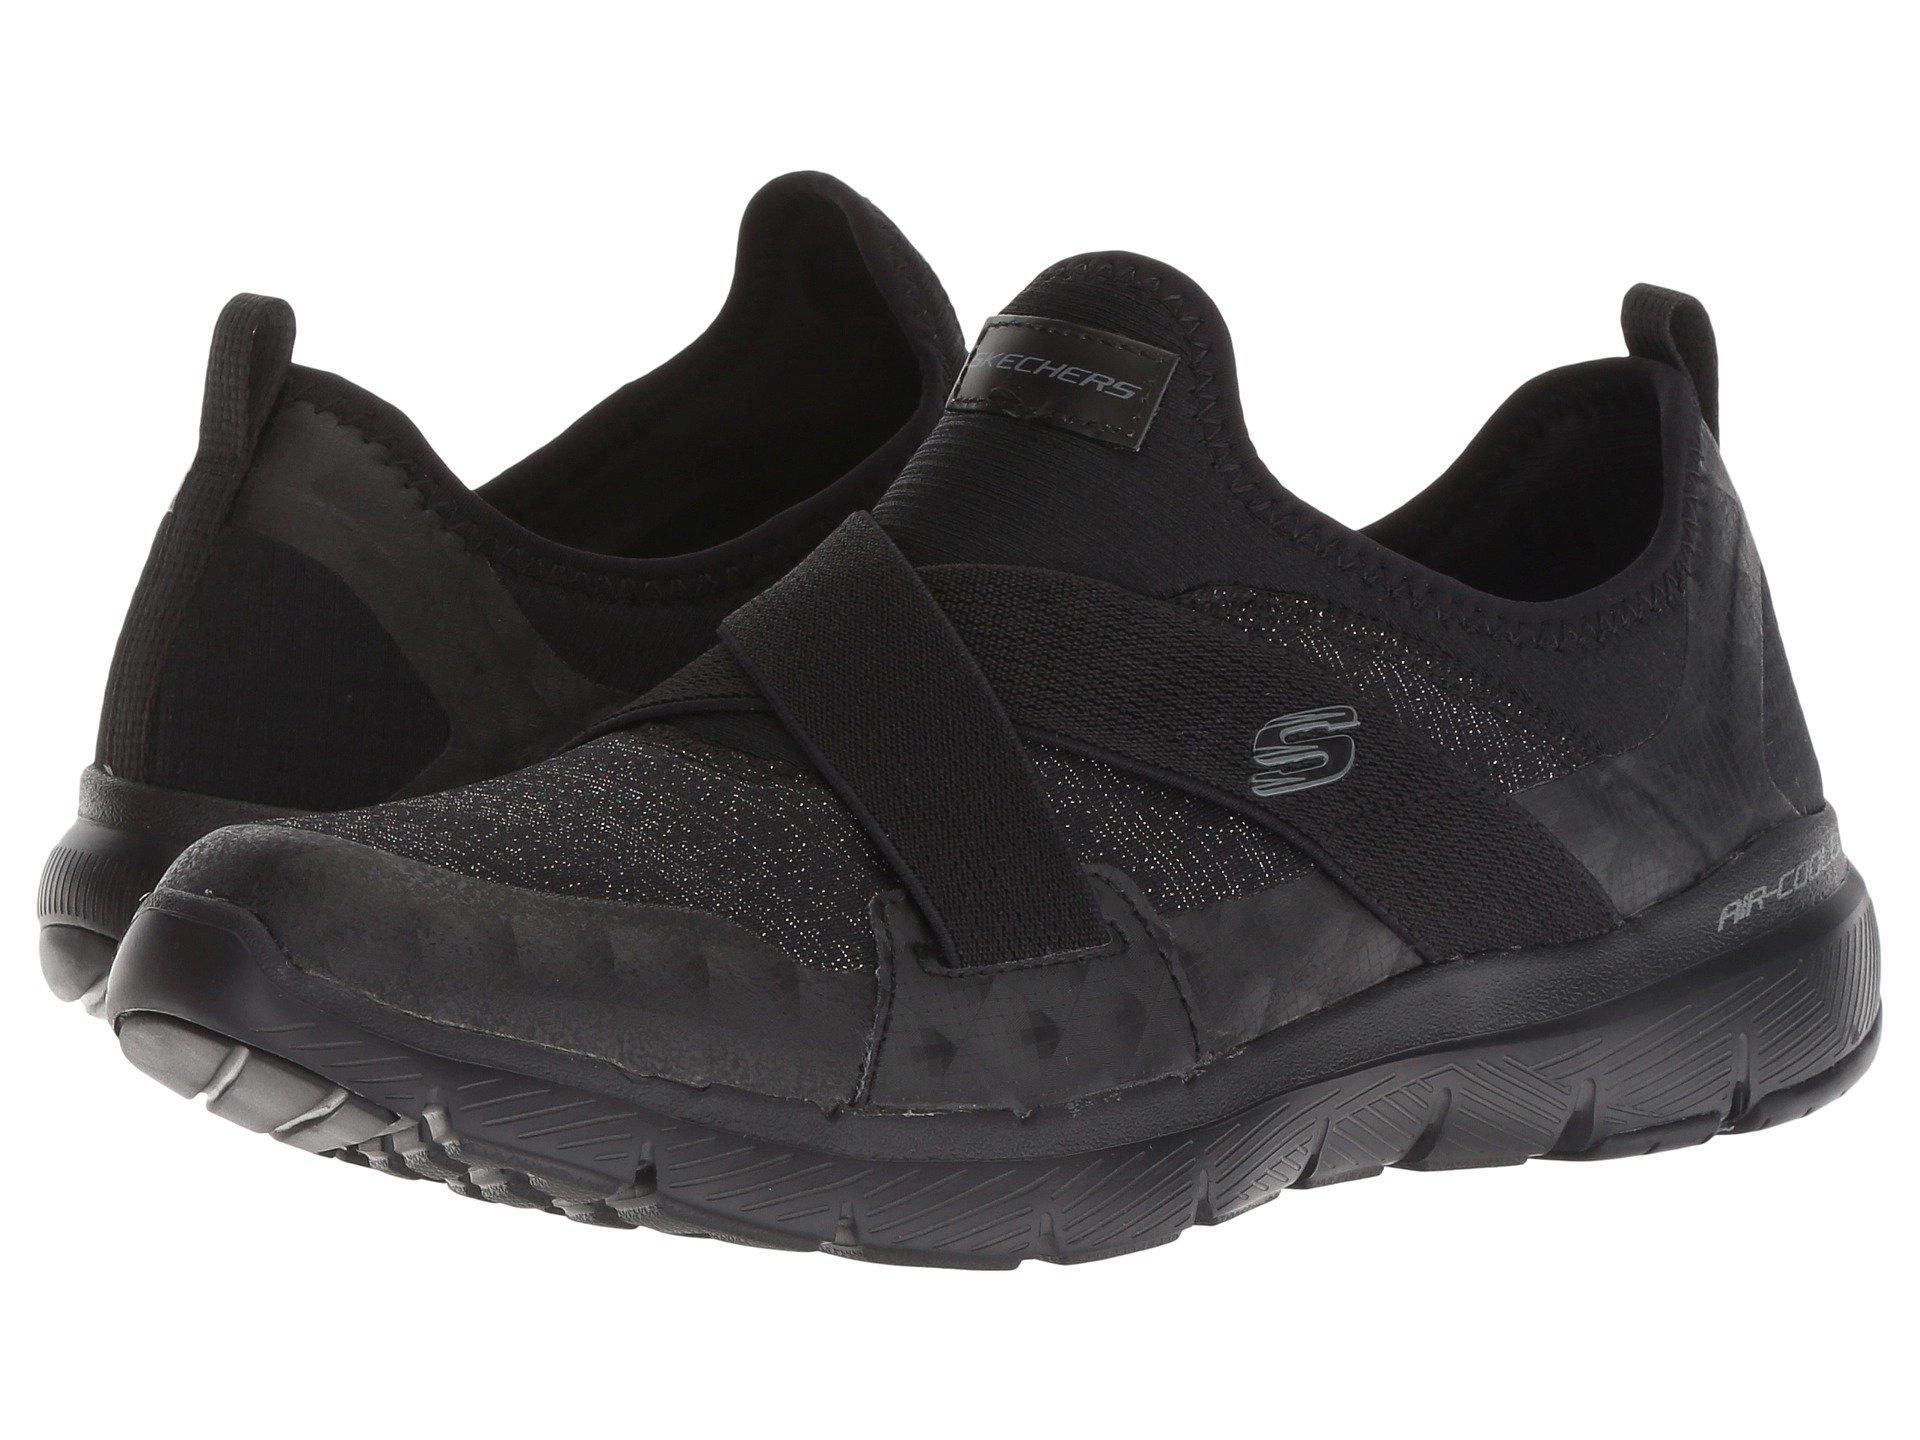 f82d12f4f5a4 Lyst - Skechers Flex Appeal 3.0 (gray) Women s Shoes in Black